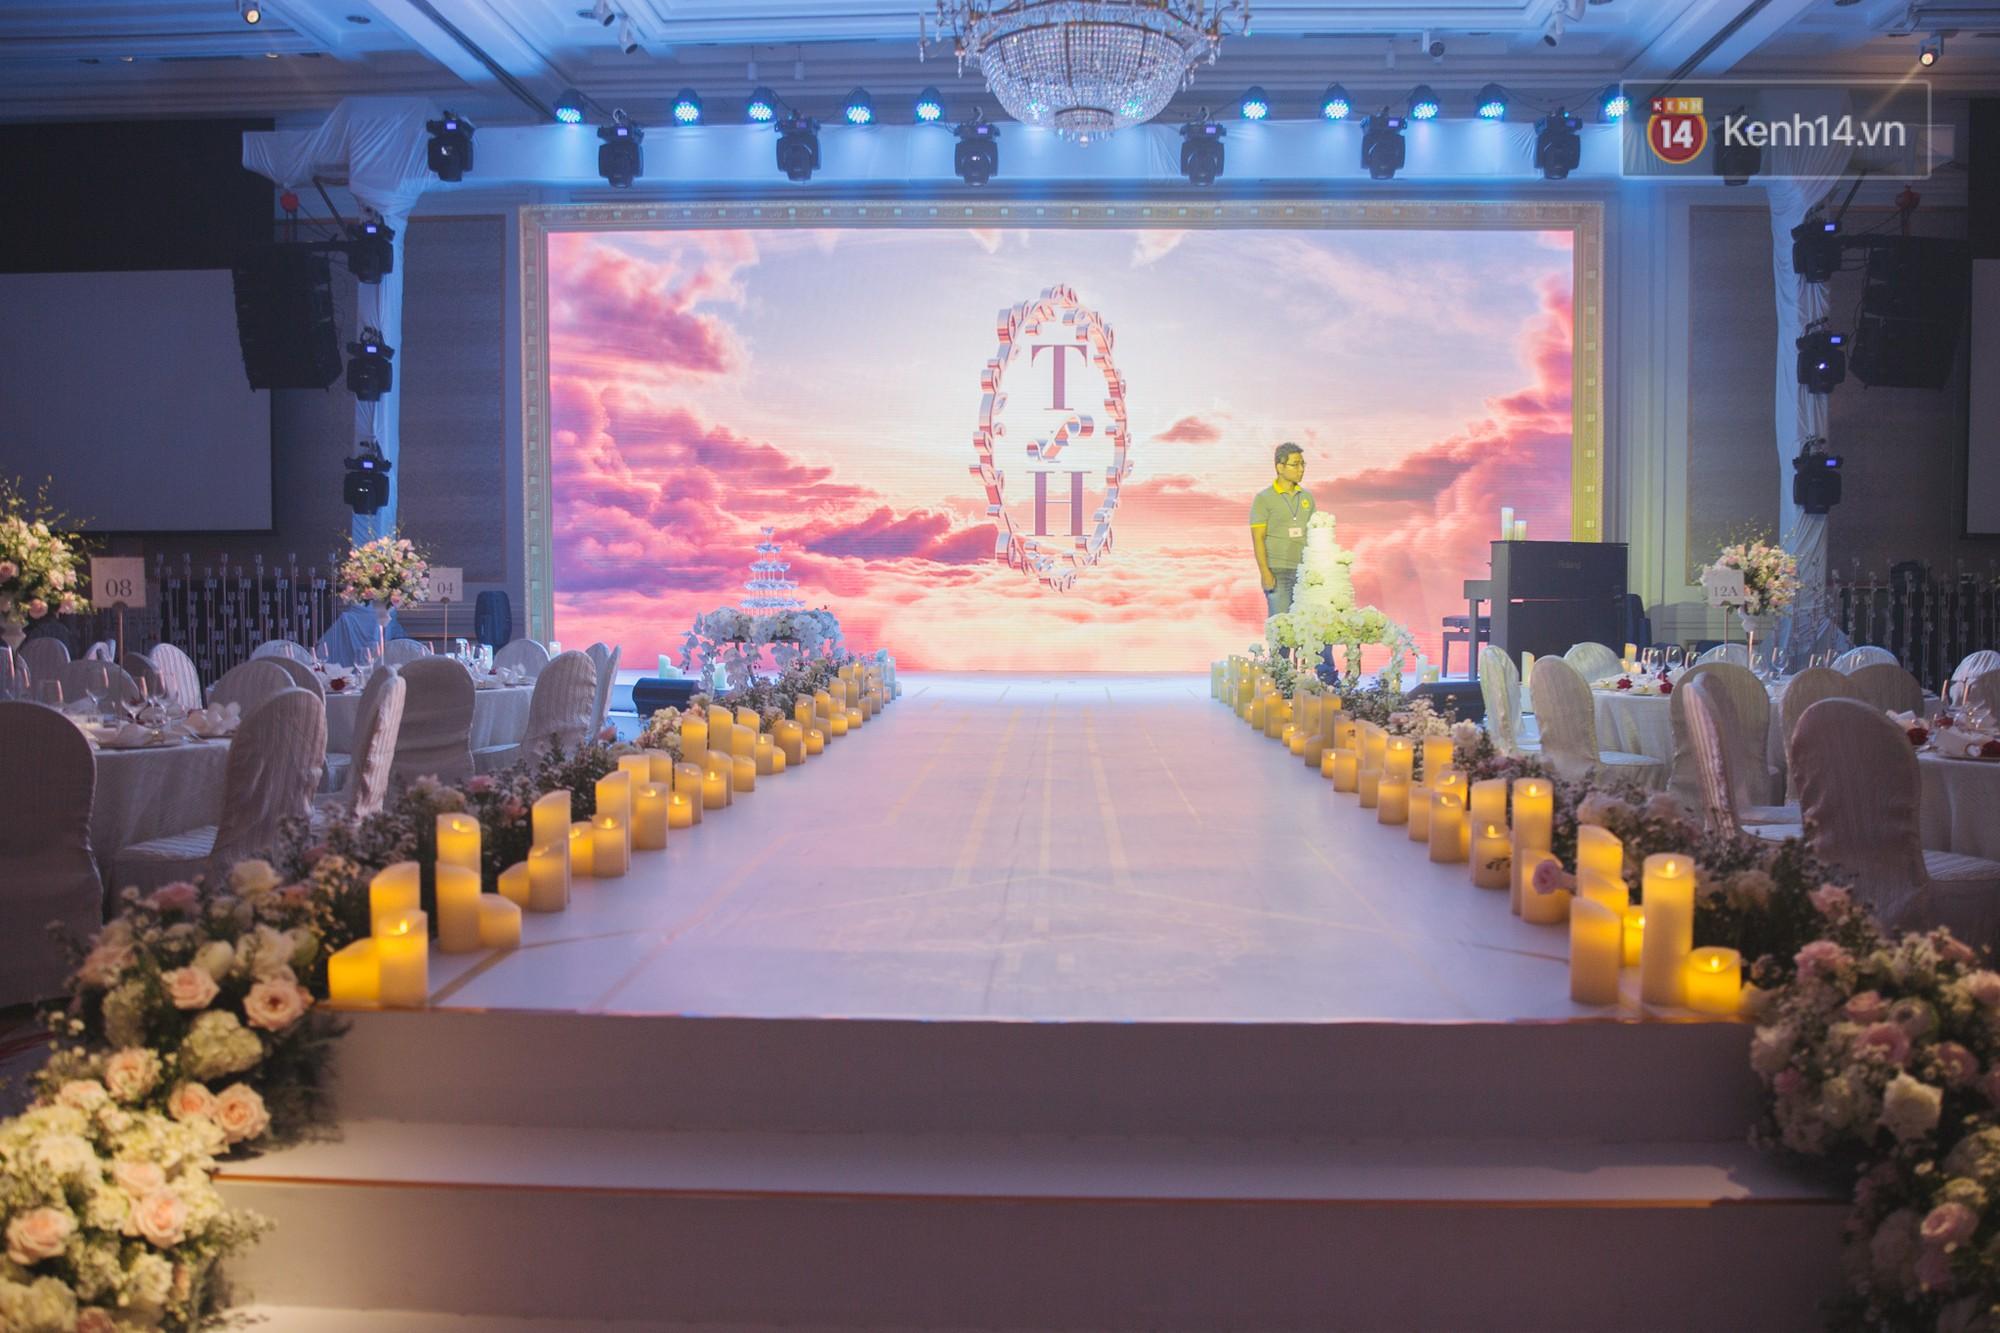 Dù rất hồi hộp, Lê Hiếu vẫn kịp nhắn đến bà xã lời hứa ngọt ngào trong đám cưới-16